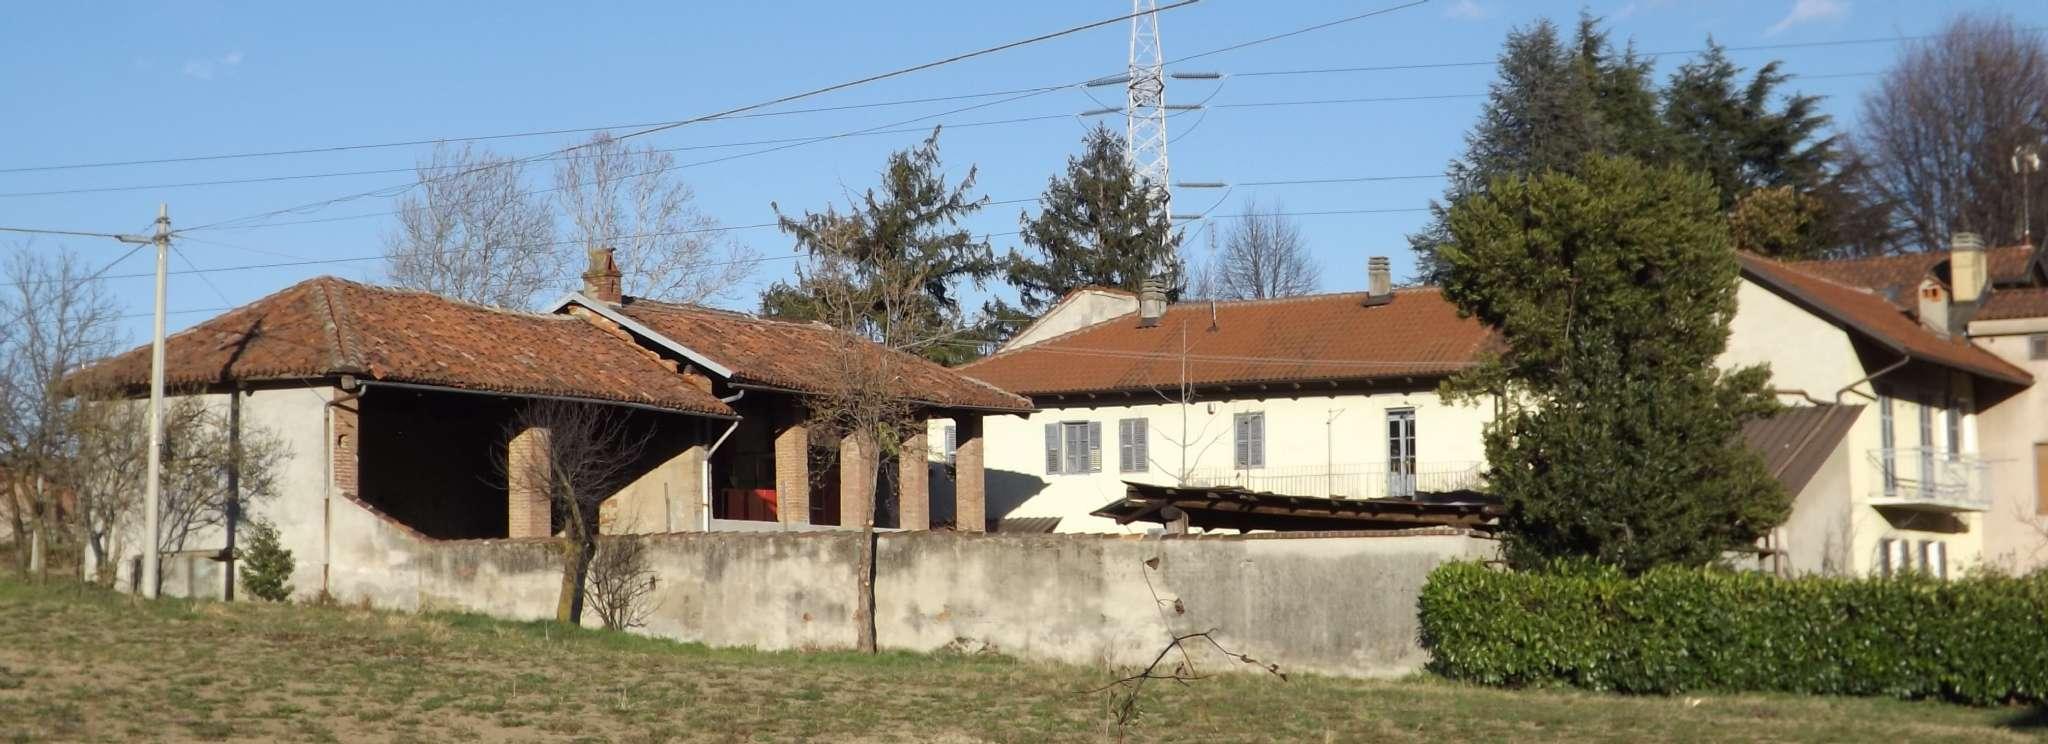 Rustico/Casale in vendita via Bruere 272 Rivoli